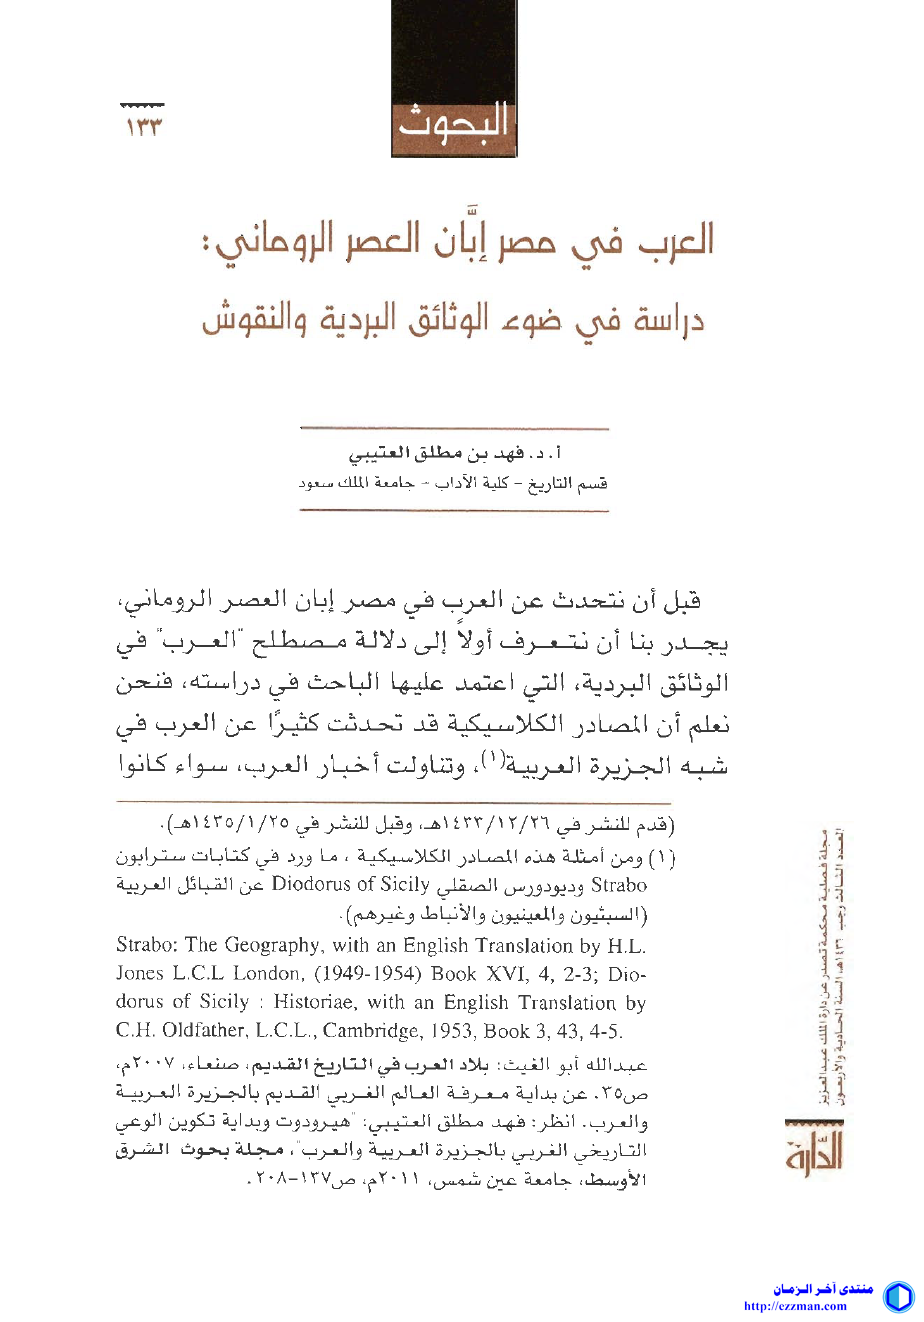 العرب إبان العصر الروماني: دراسة